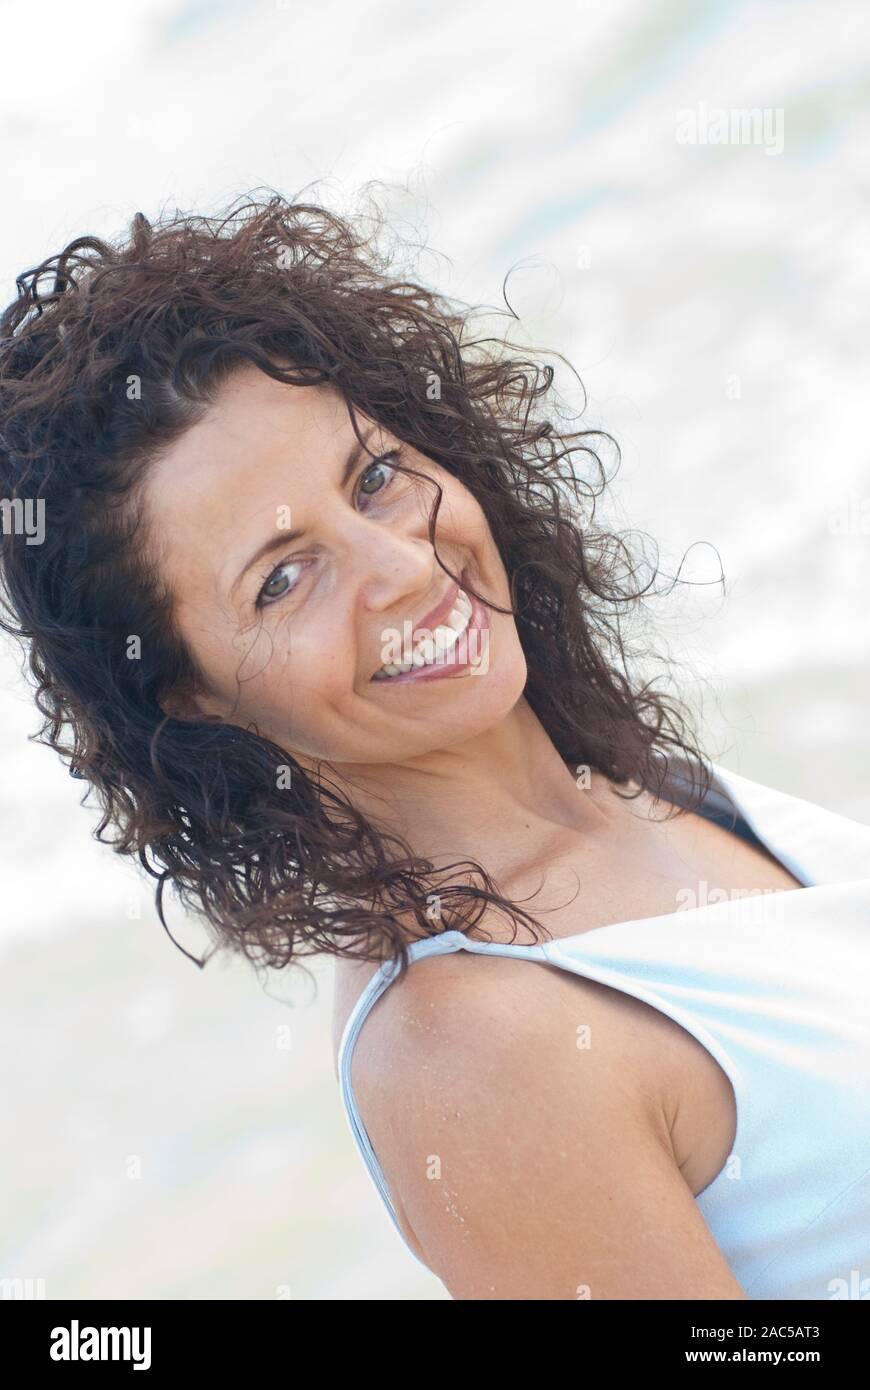 Portrait pris à Kailua Beach de la belle femme aux cheveux bouclés à l'âge de 50 portant robe bleu clair Banque D'Images